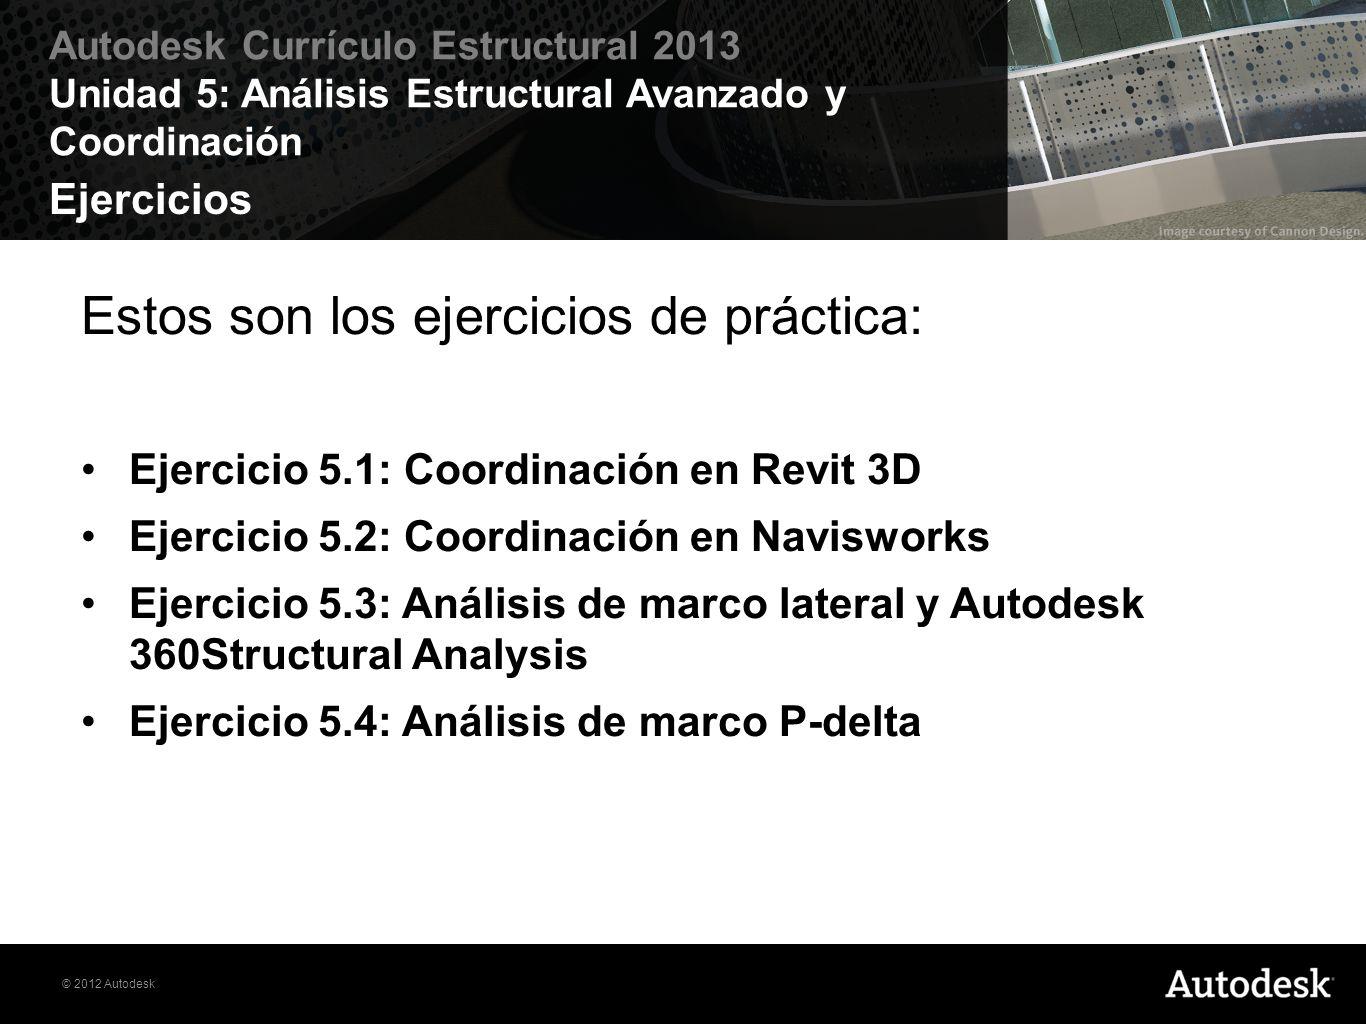 Ejercicios Estos son los ejercicios de práctica: Ejercicio 5.1: Coordinación en Revit 3D. Ejercicio 5.2: Coordinación en Navisworks.